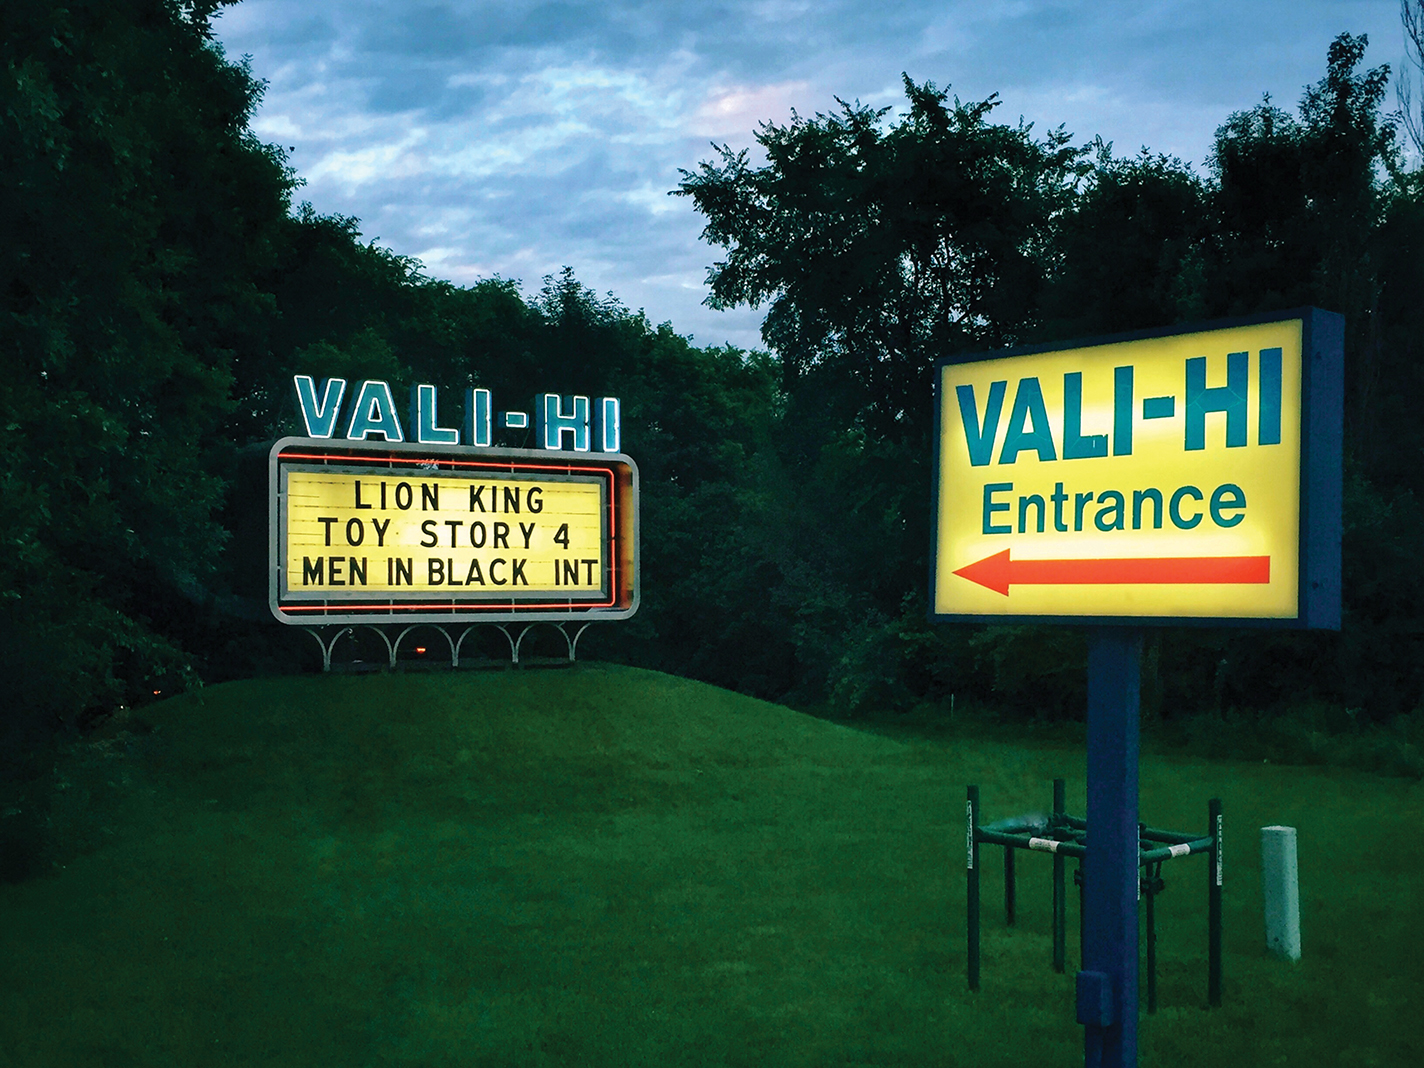 Vali-Hi Drive-In